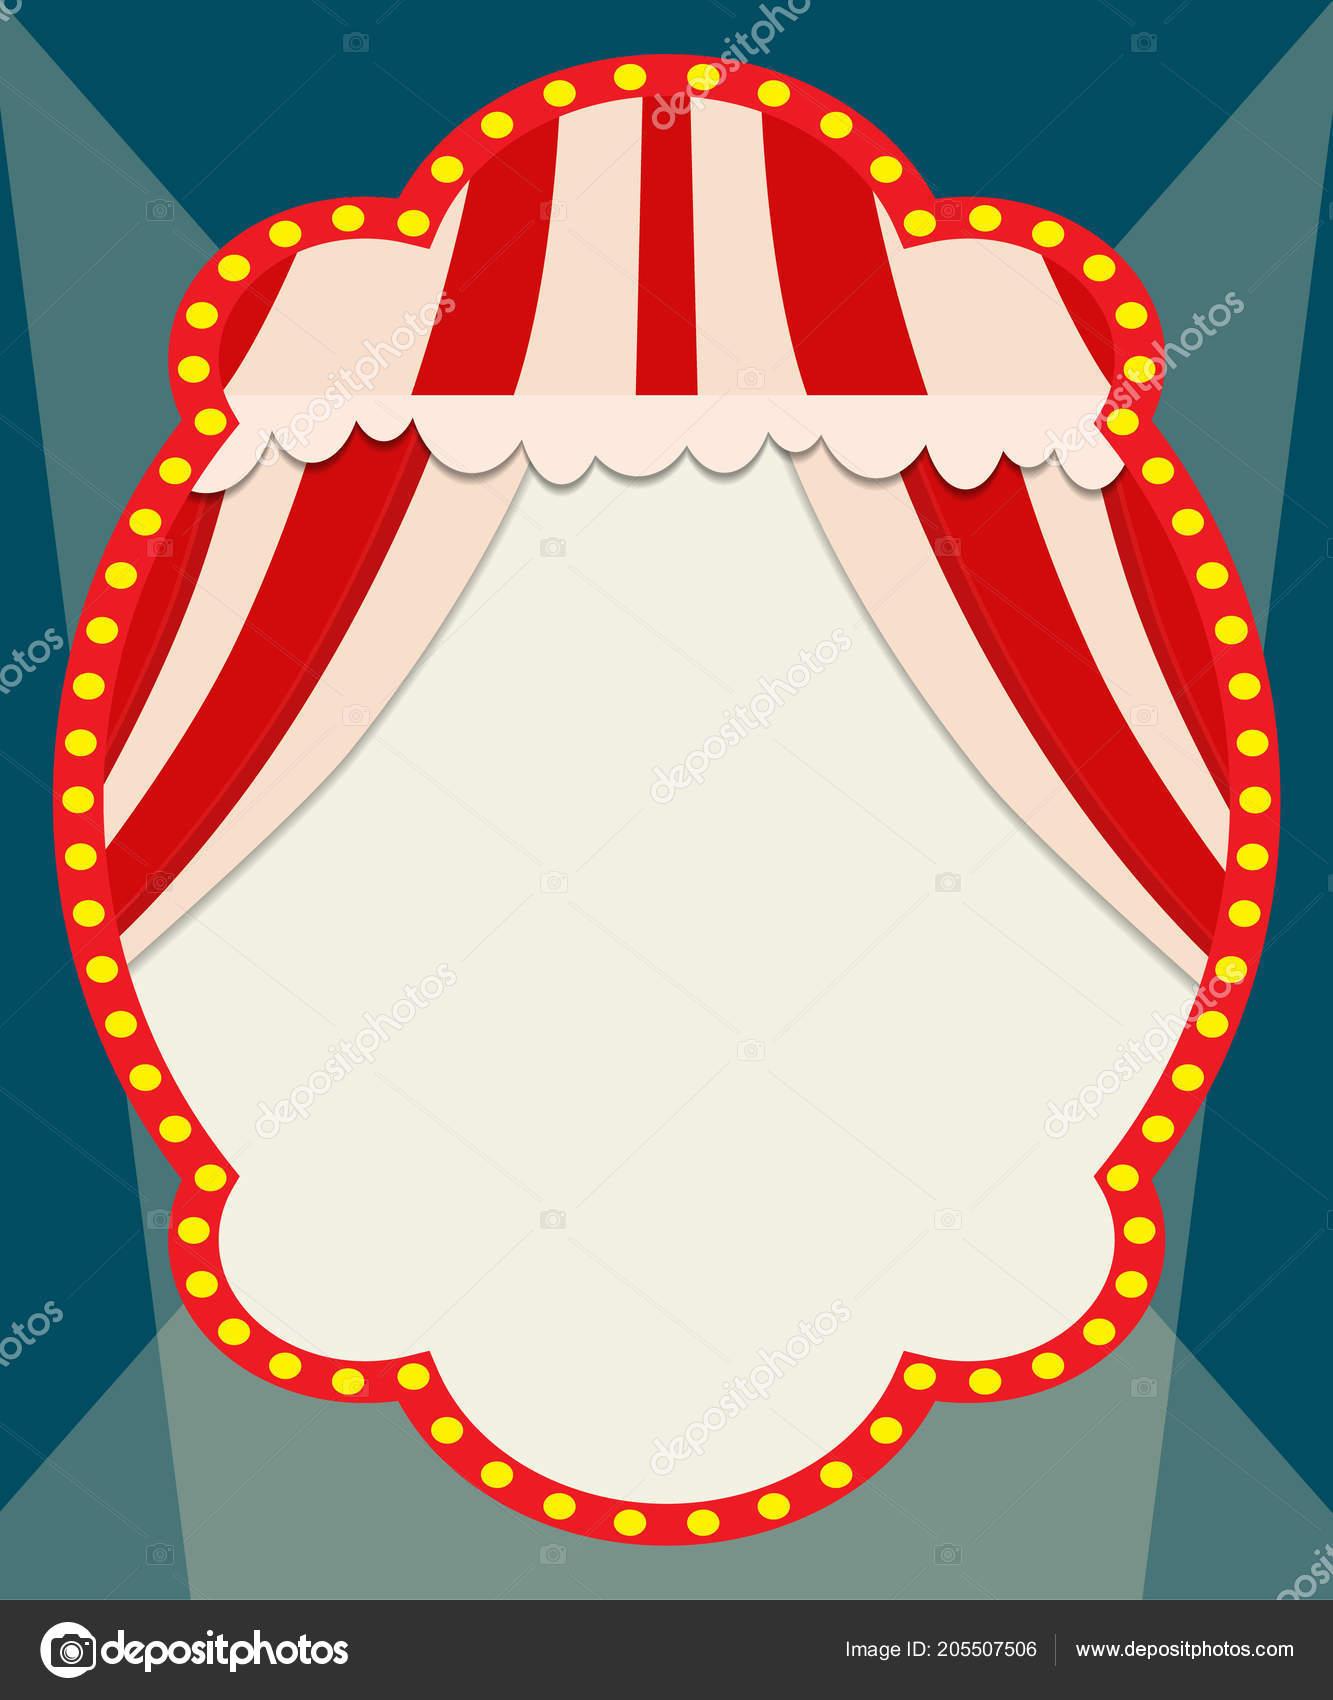 Poster Template Retro Circus Banner Design Presentation Concert Show Vector Stock